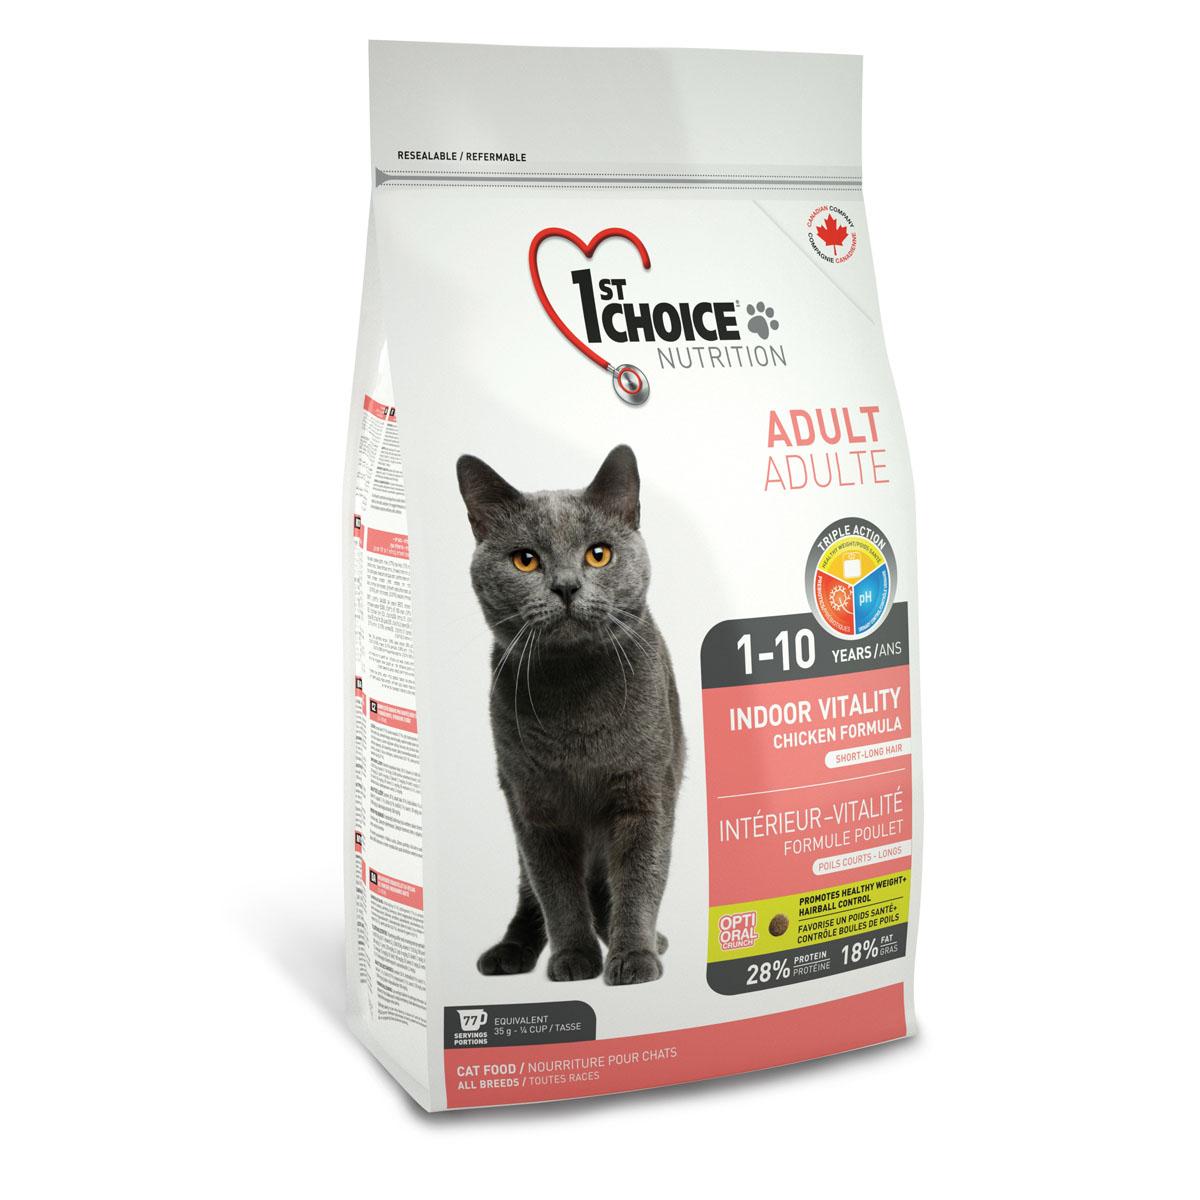 Корм сухой 1st Choice Adult для живущих в помещении взрослых кошек, с курицей, 2,72 кг56665Корм сухой 1st Choice Adult - идеальная формула для домашних кошек со специальными тщательно отобранными ингредиентами. Помогает сохранить идеальную кондицию и оптимальный вес. Идеальный рН-баланс для здоровья мочевыделительной системы. Содержит экстракт юкки Шидигера, которая связывает аммиак и уменьшает запах экскрементов. Состав: свежая курица 17%, мука из мяса курицы 17%, рис, гороховый протеин, куриный жир, сохраненный смесью натуральных токоферолов (витамин Е), мякоть свеклы, коричневый рис, специально обработанные ядра ячменя и овса, сушеное яйцо, гидролизат куриной печени, цельное семя льна, жир лосося, сушеная мякоть томата, клетчатка гороха, калия хлорид, лецитин, кальция карбонат, холина хлорид, соль, кальция пропионат, натрия бисульфат, таурин, DL- метионин, L-лизин, экстракт дрожжей (источник маннан-олигосахаридов), железа сульфат, аскорбиновая кислота (витамин С), экстракт цикория (источник инулина), цинка оксид, натрия селенит, альфа-токоферол ацетат (витамин...